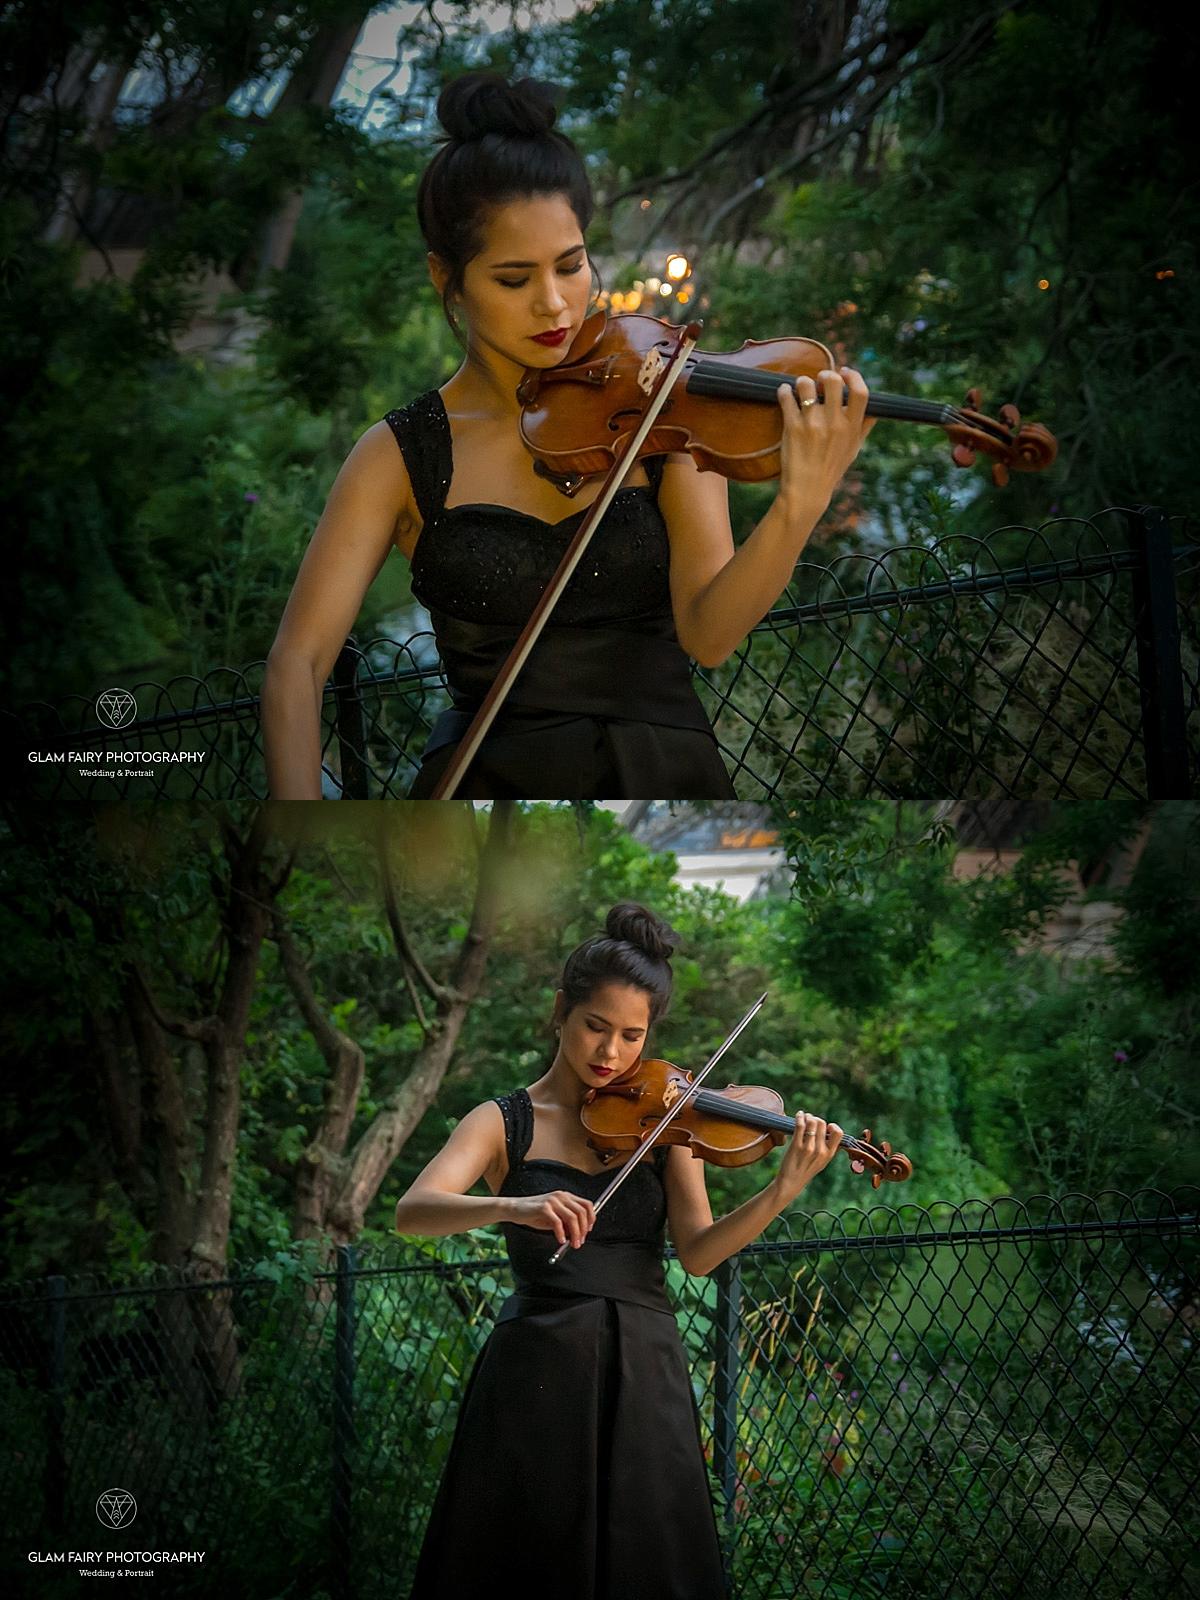 GlamFairyPhotography-seance-portrait-femme-violoniste-paris-michelle_0011